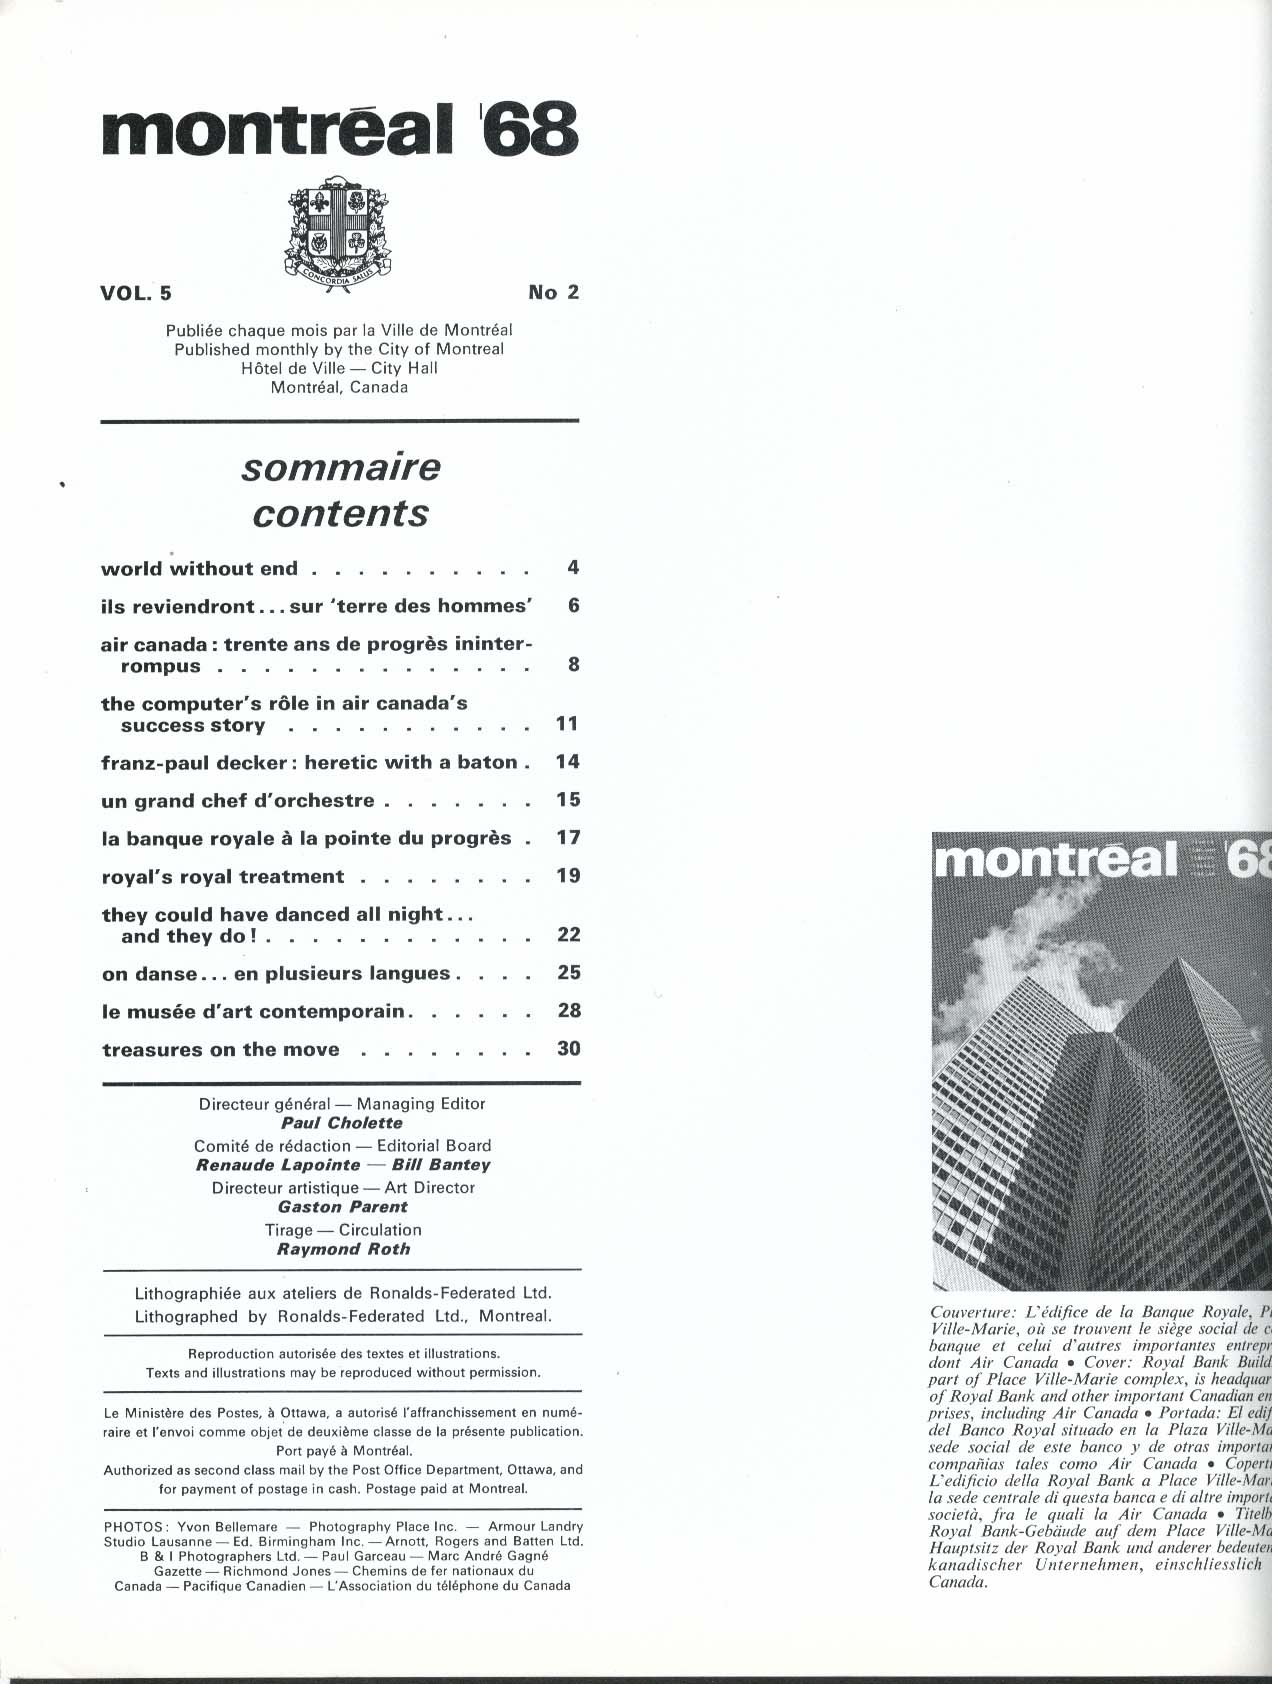 MONTREAL Air Canada Computers Franz-Paul Decker 2 1968